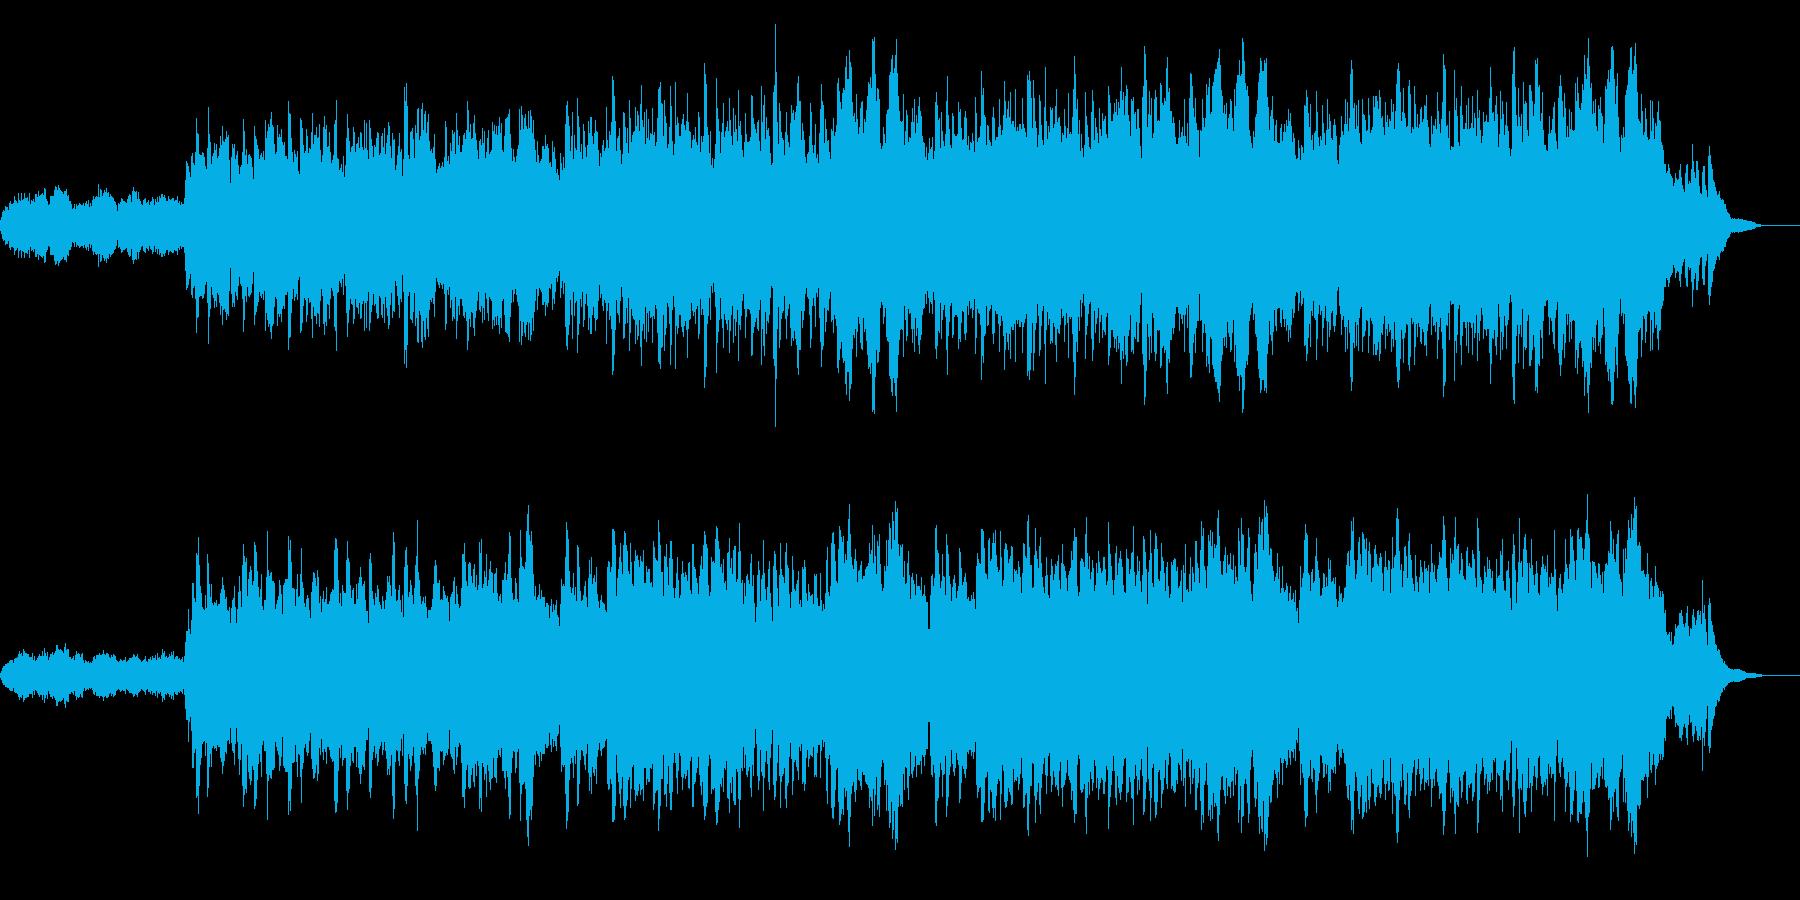 落ち着いたバラード アンビエントの再生済みの波形